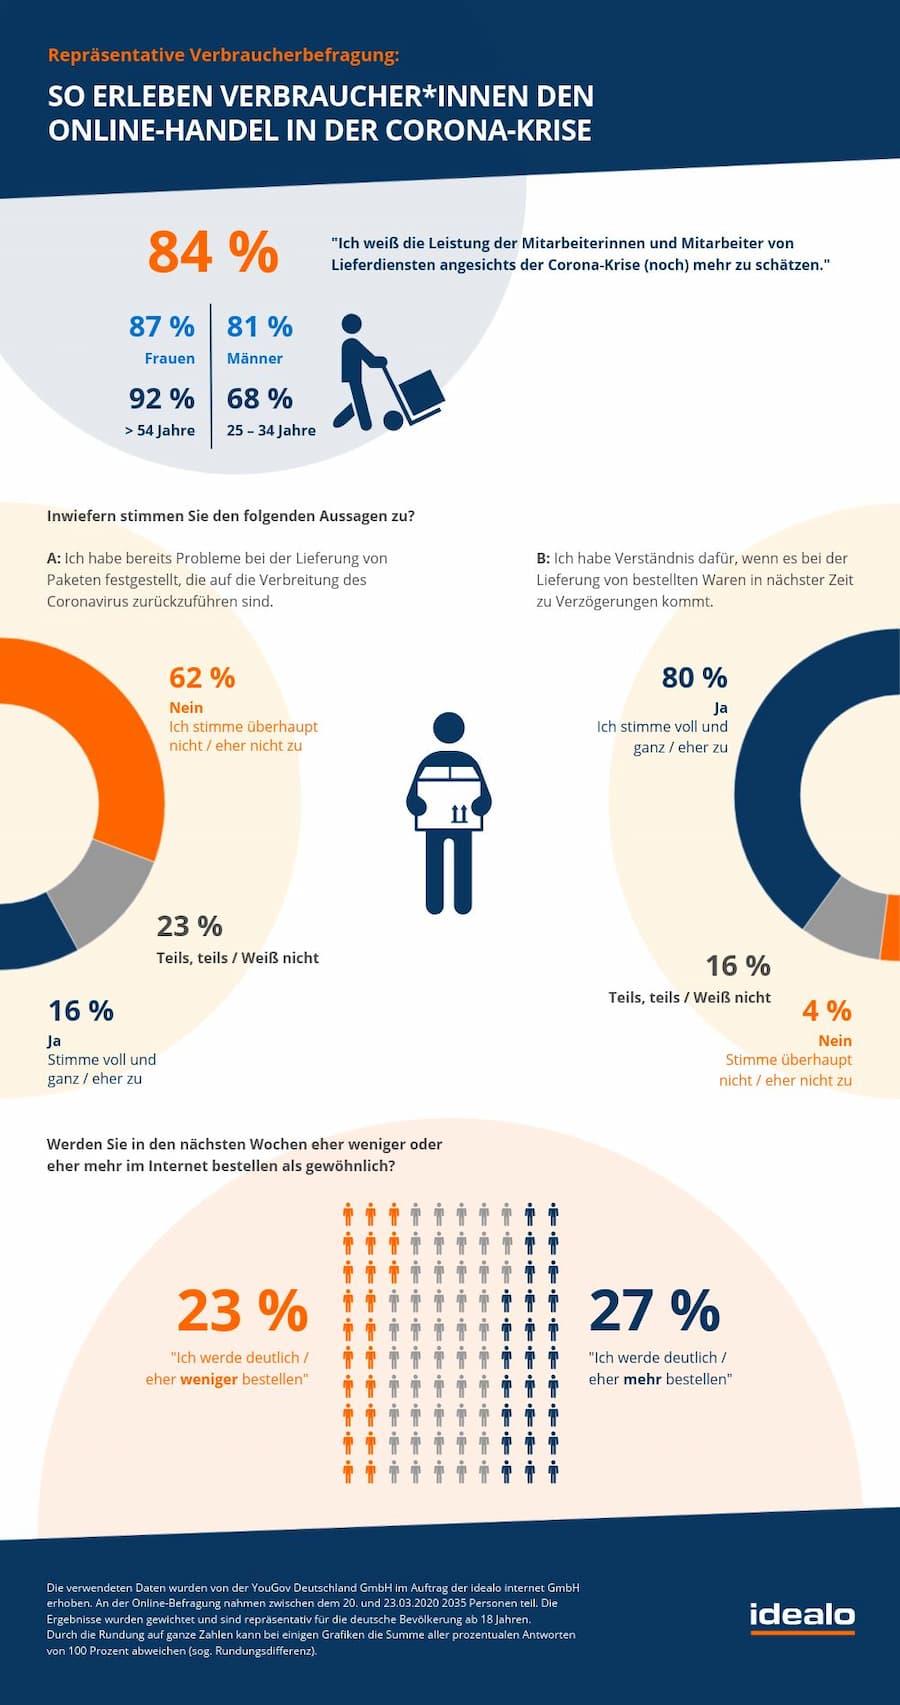 Repräsentative Verbraucherumfrage zu Erfahrungen von Verbrauchern in der Corona-Krise (Quelle: Idealo)